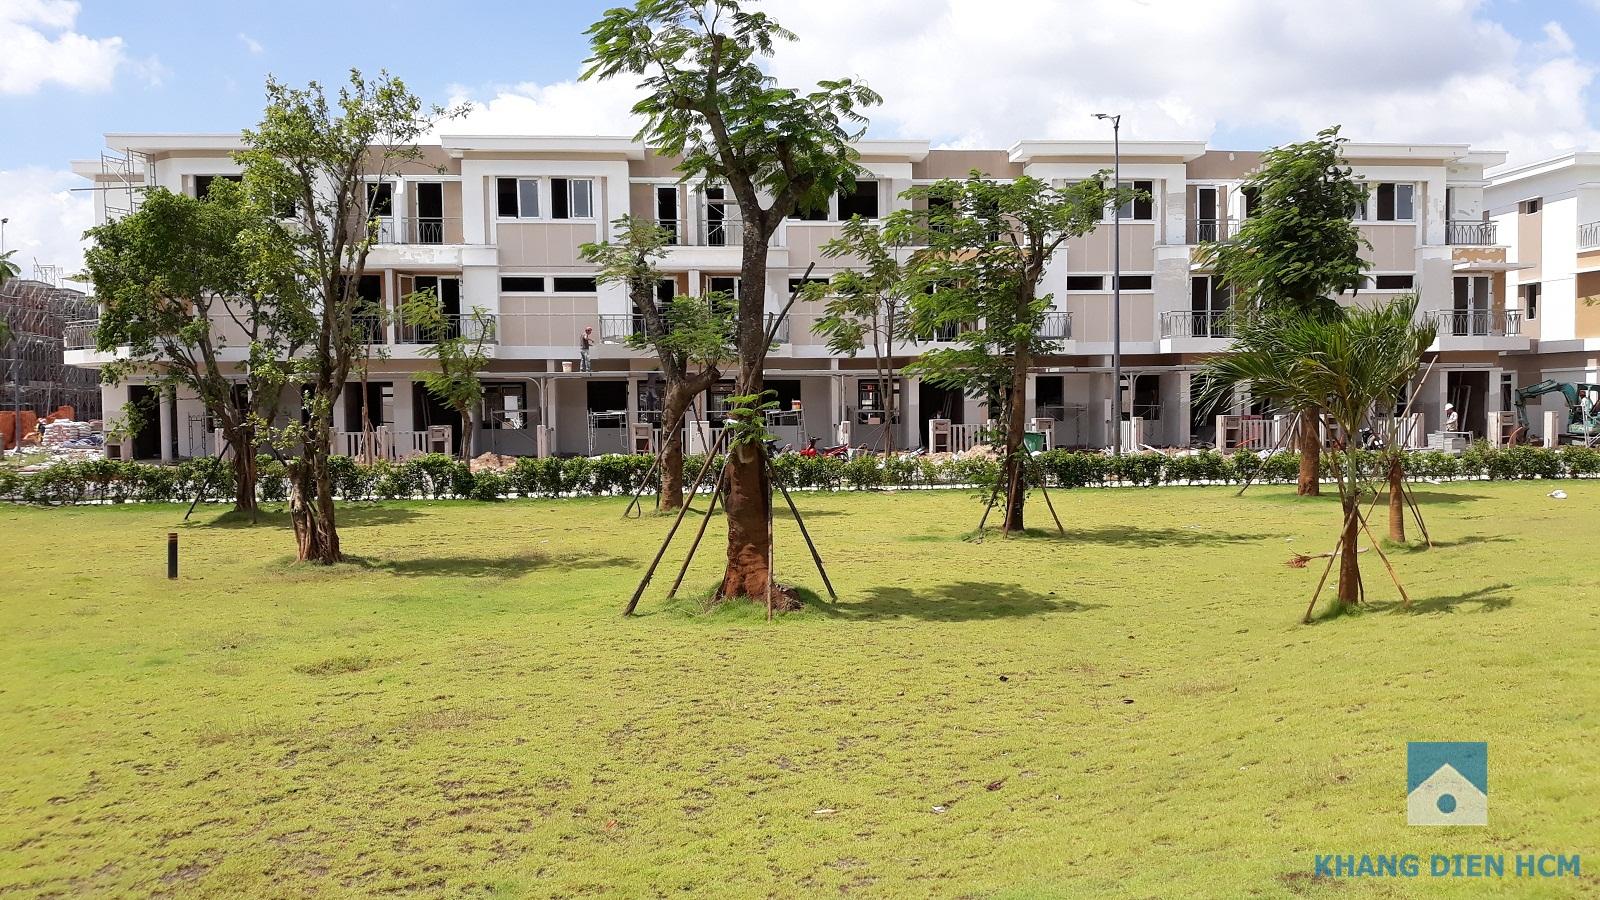 View nhìn trực diện công viên trung tâm của Block F - Khang Điền HCM